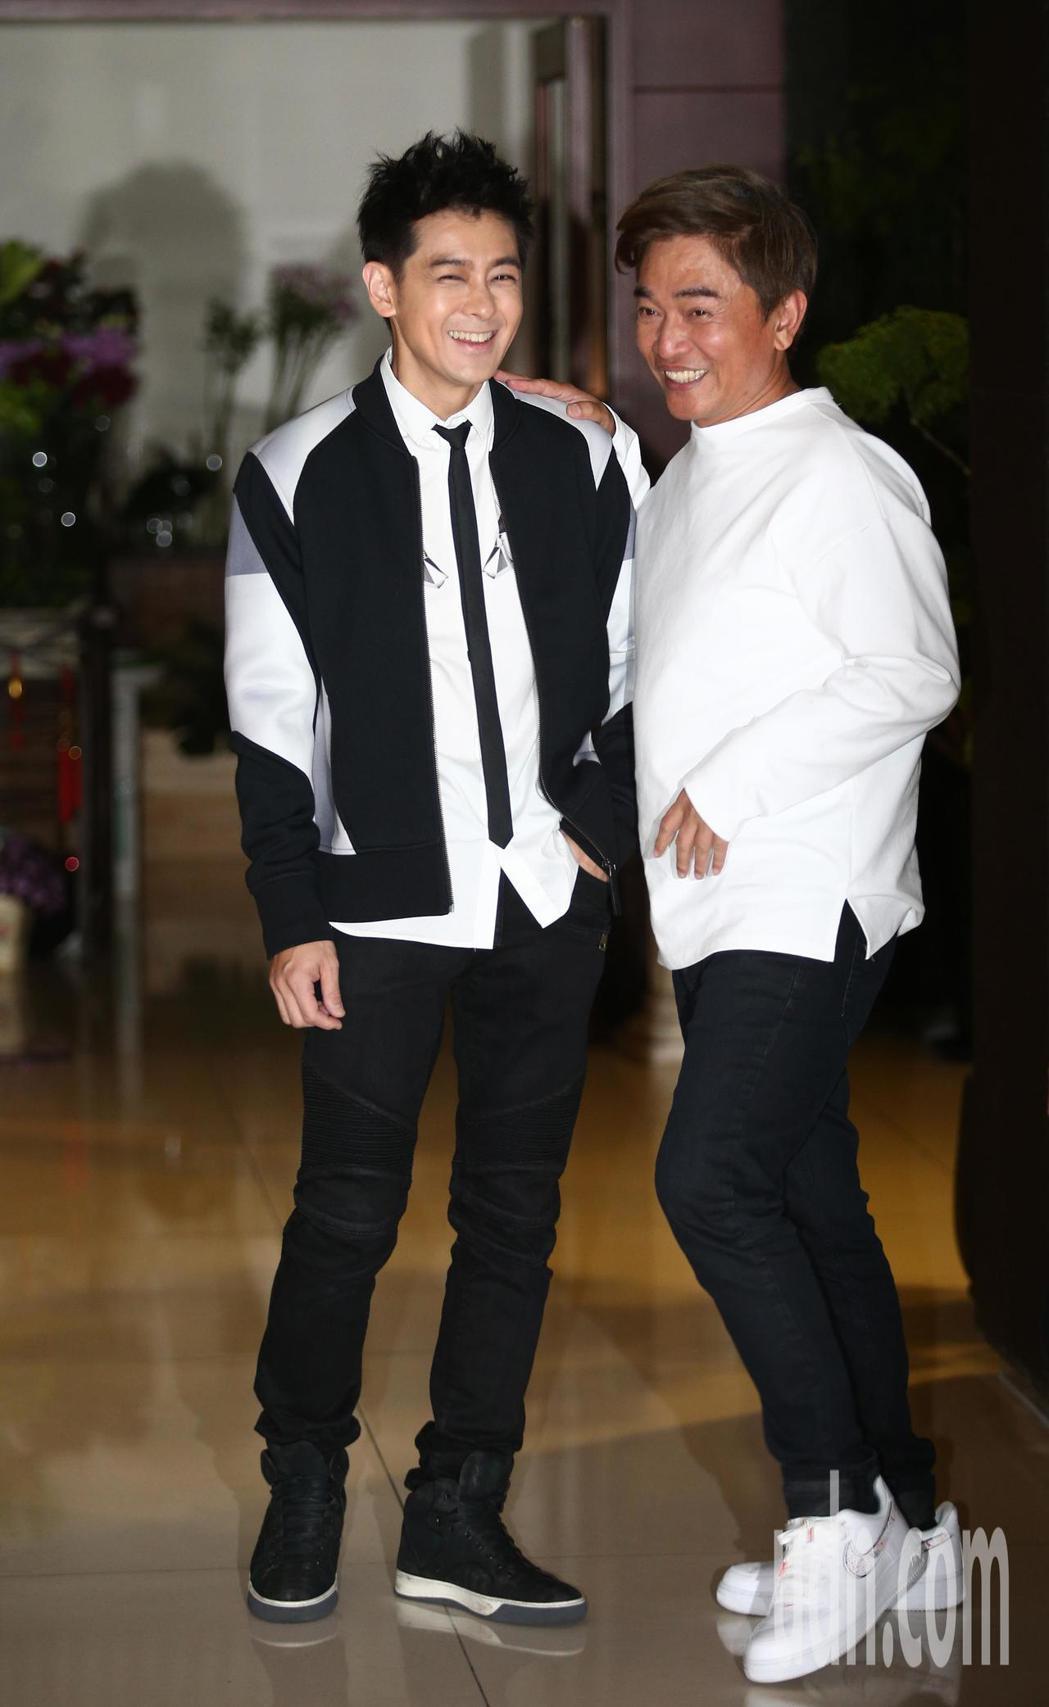 林志穎(左)與吳宗憲(右)晚間錄三立綜藝大熱門,因故延後一小時,從7:30延後到